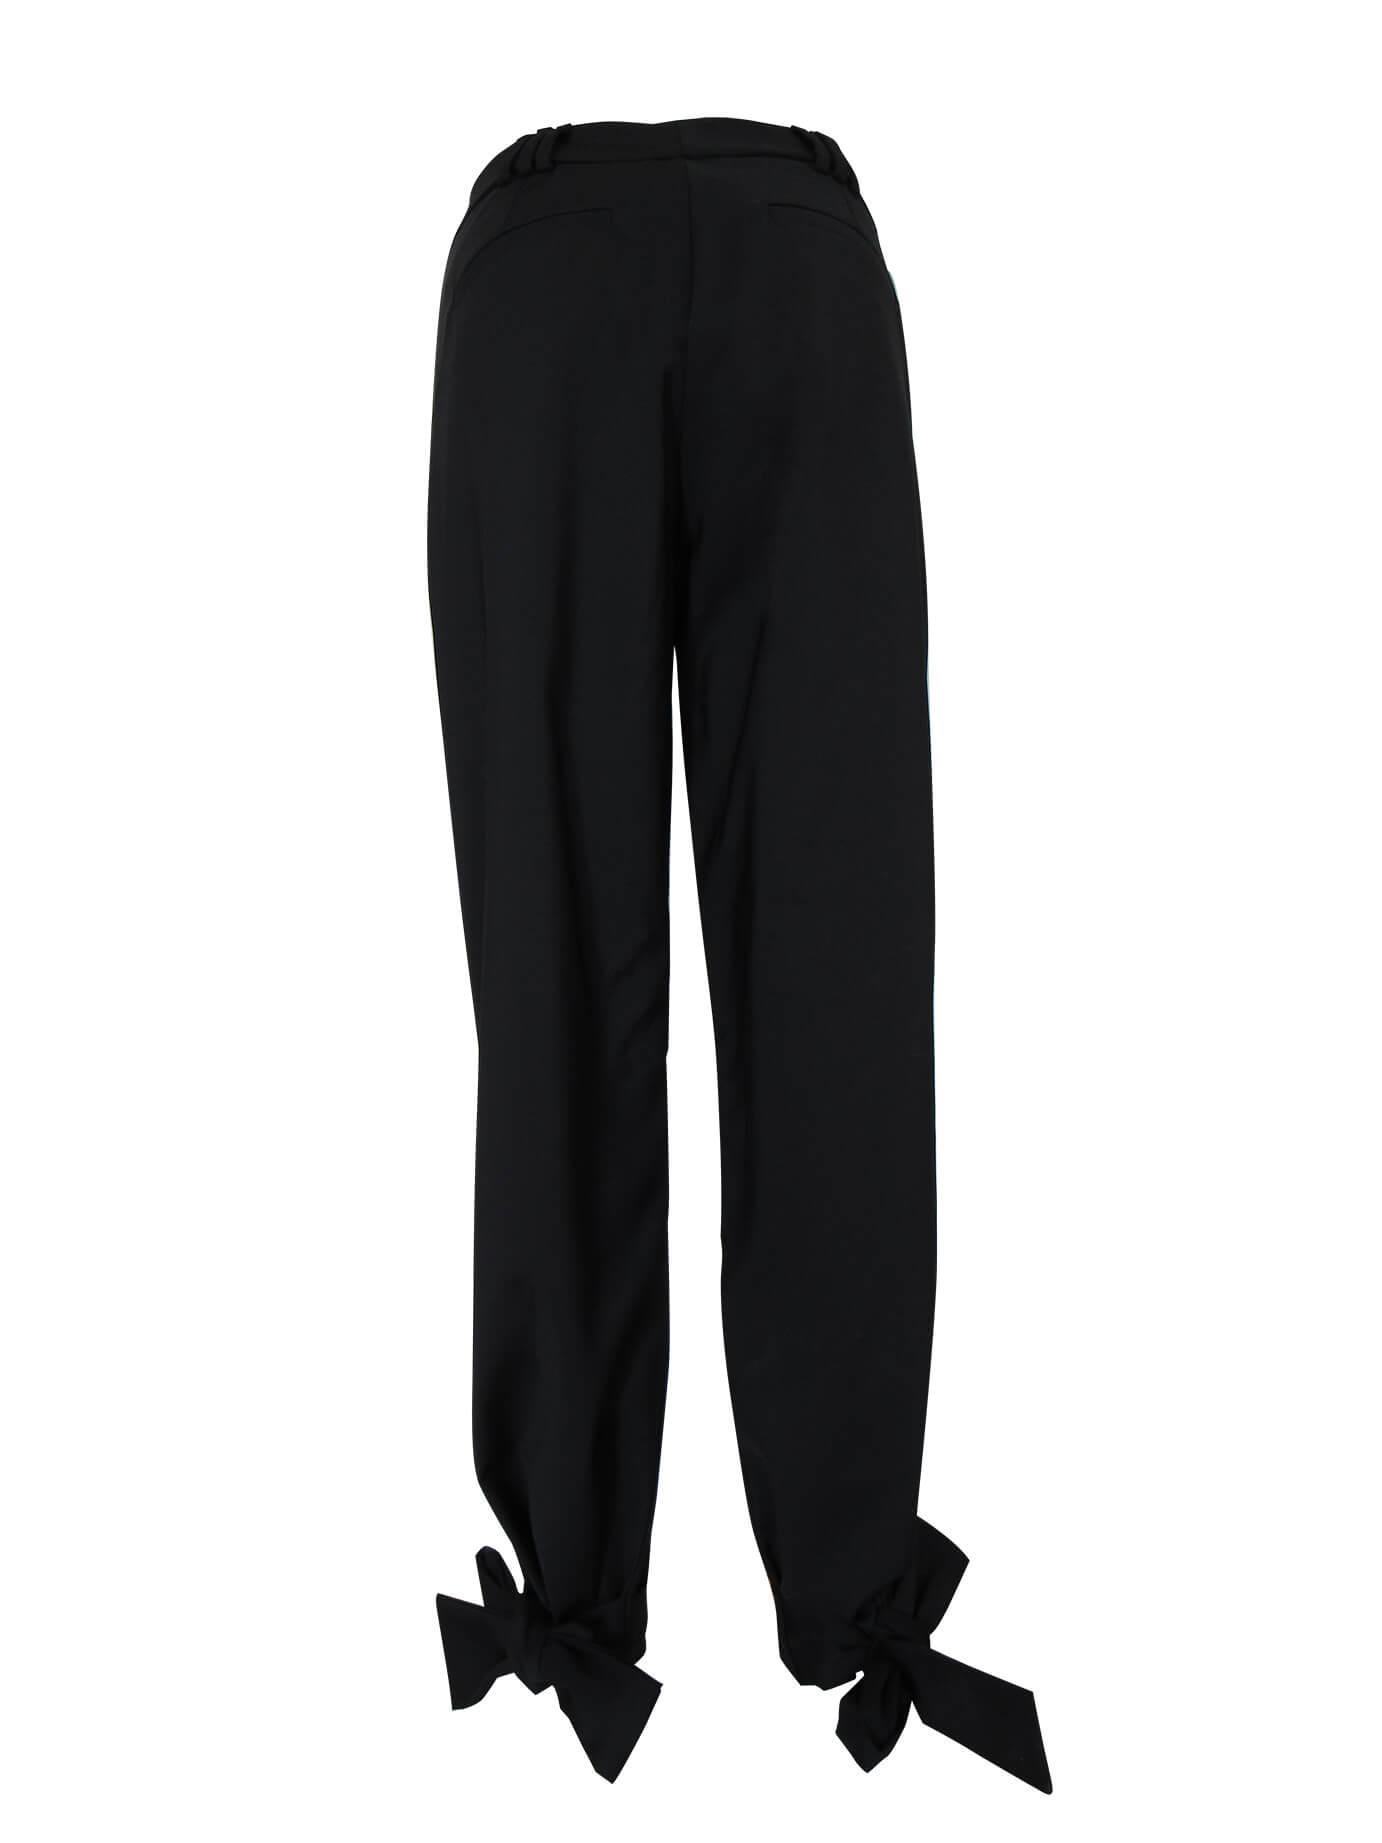 padova-pantalon-magnolia-negro-02